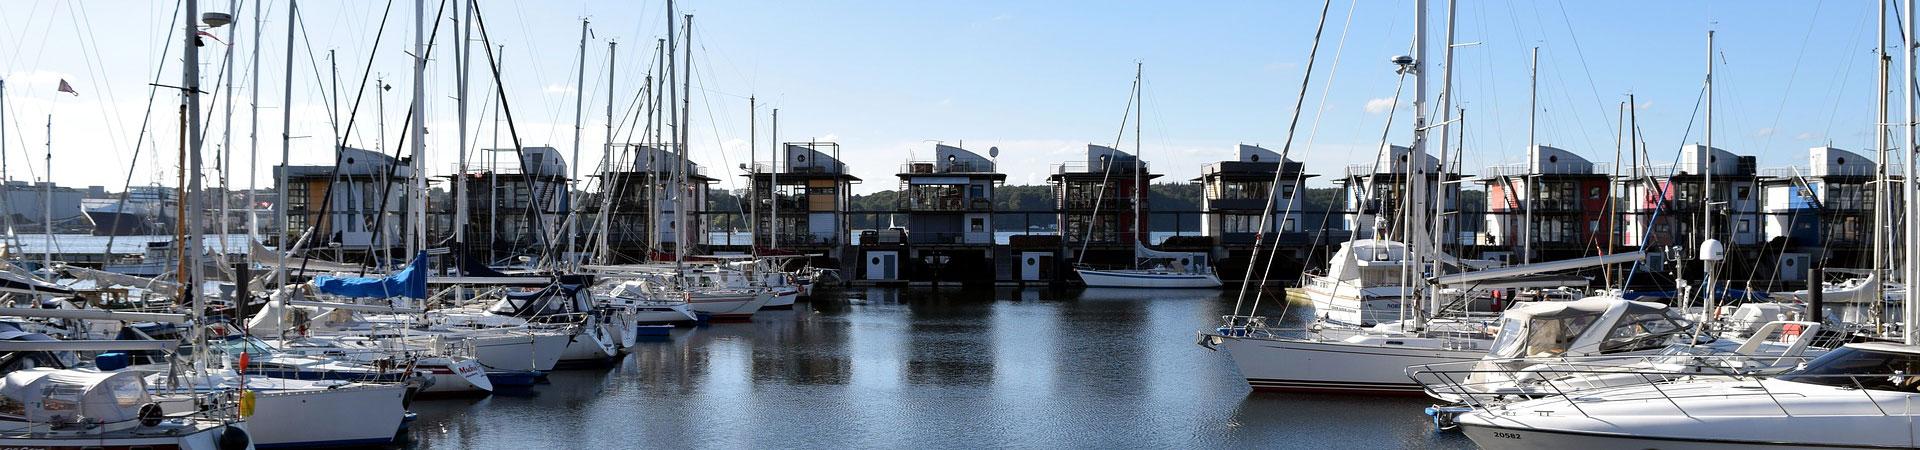 Flensburg, Sonwik, Wasserhäuser